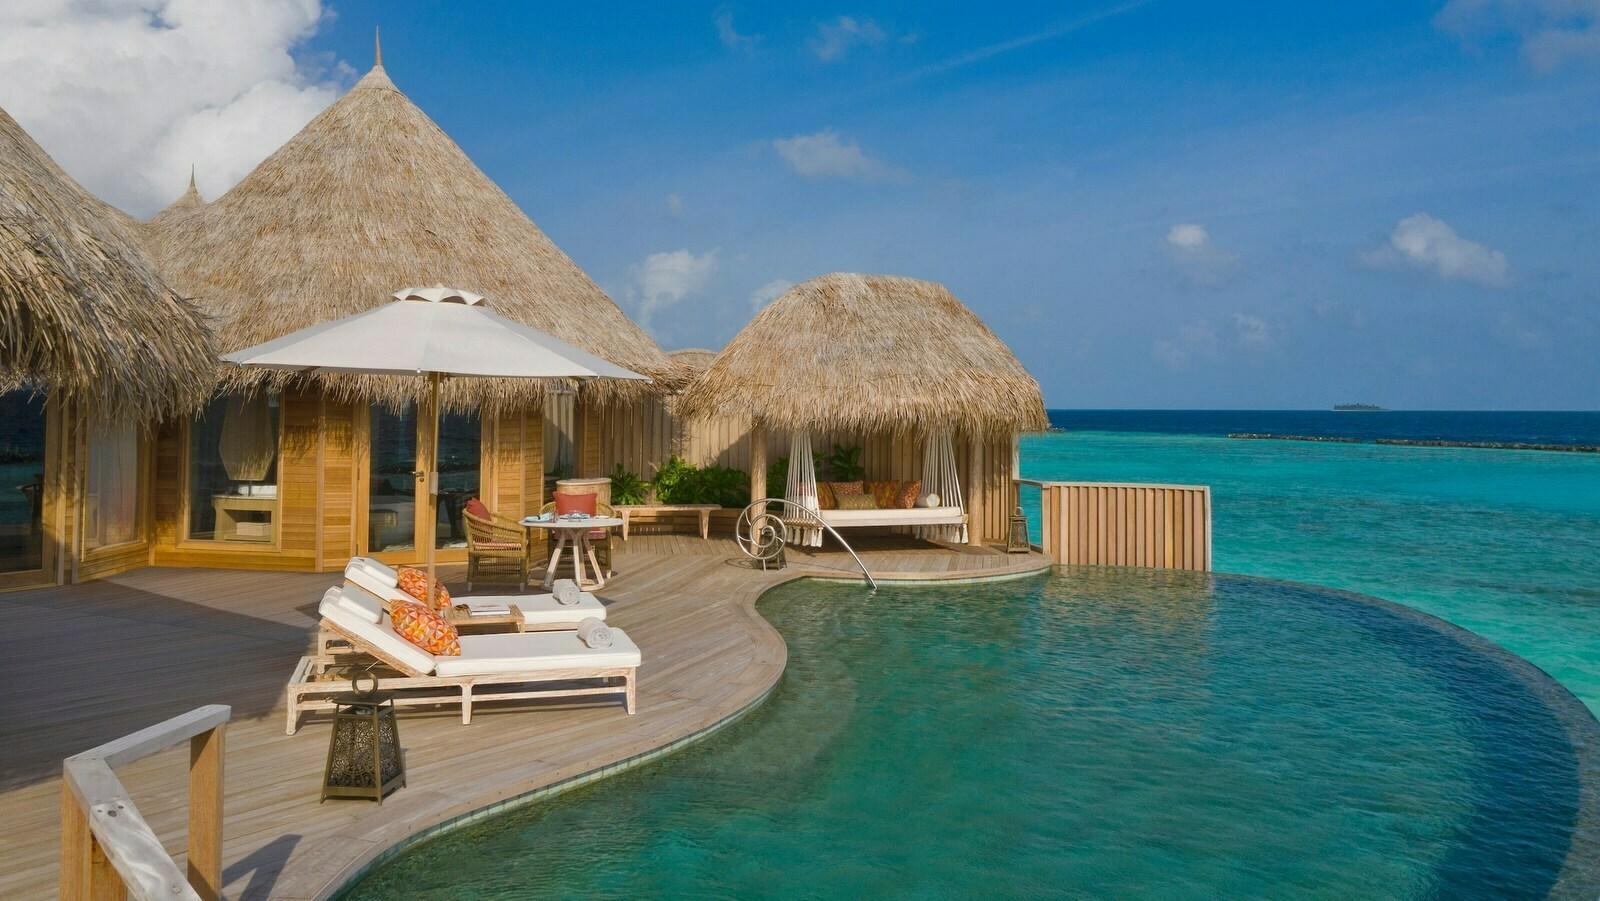 Мальдивы, отель The Nautilus Maldives, номер One-Bedroom Ocean Residence